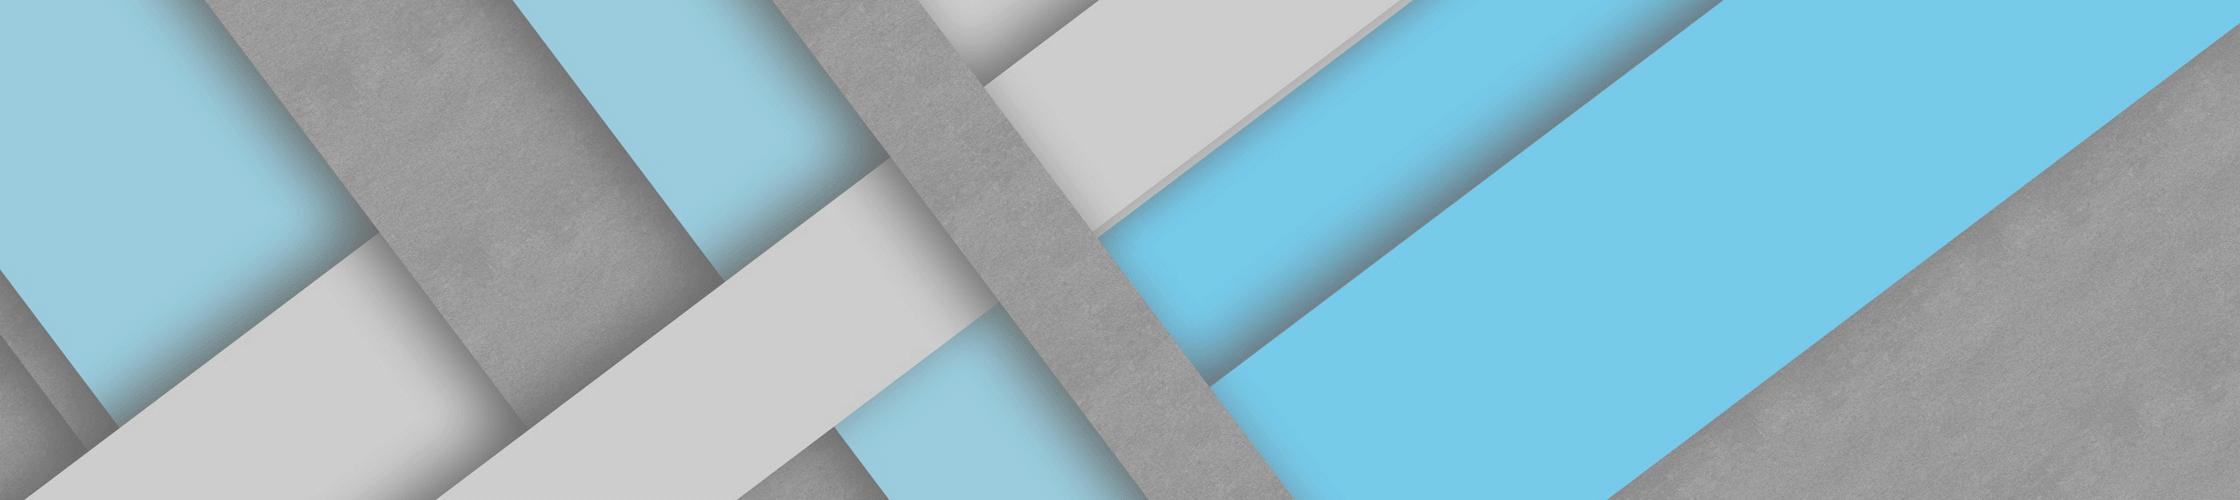 Fond gris et bleu de France Jeux